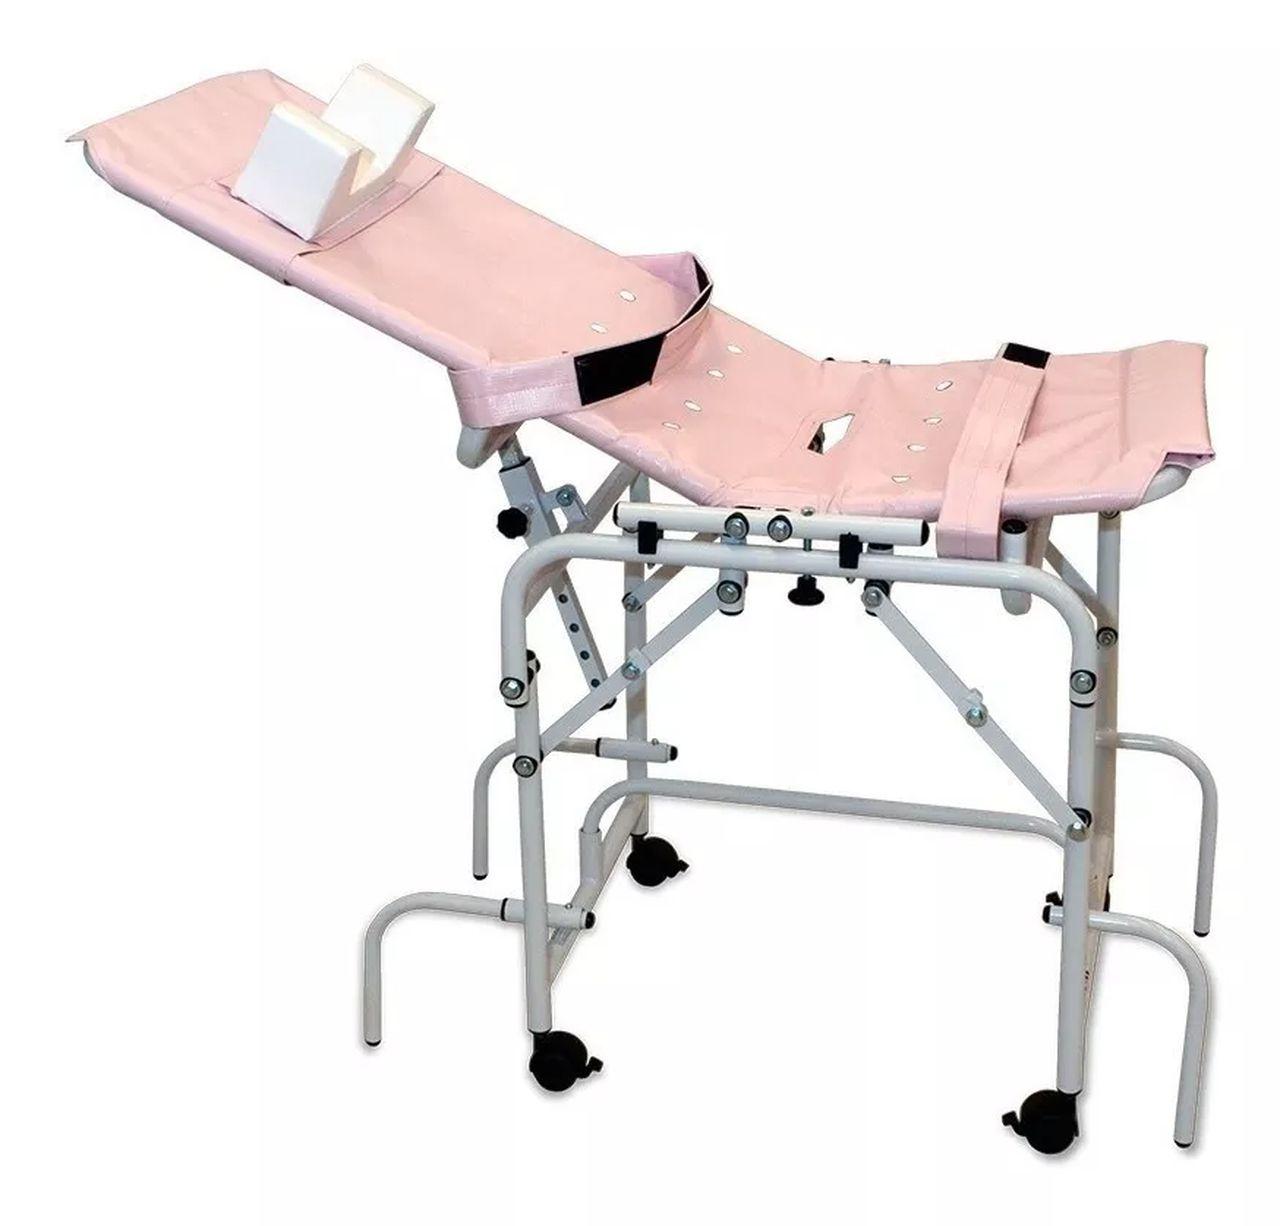 Cadeira de Banho Higiênica Enxuta Juvenil Vanzetti